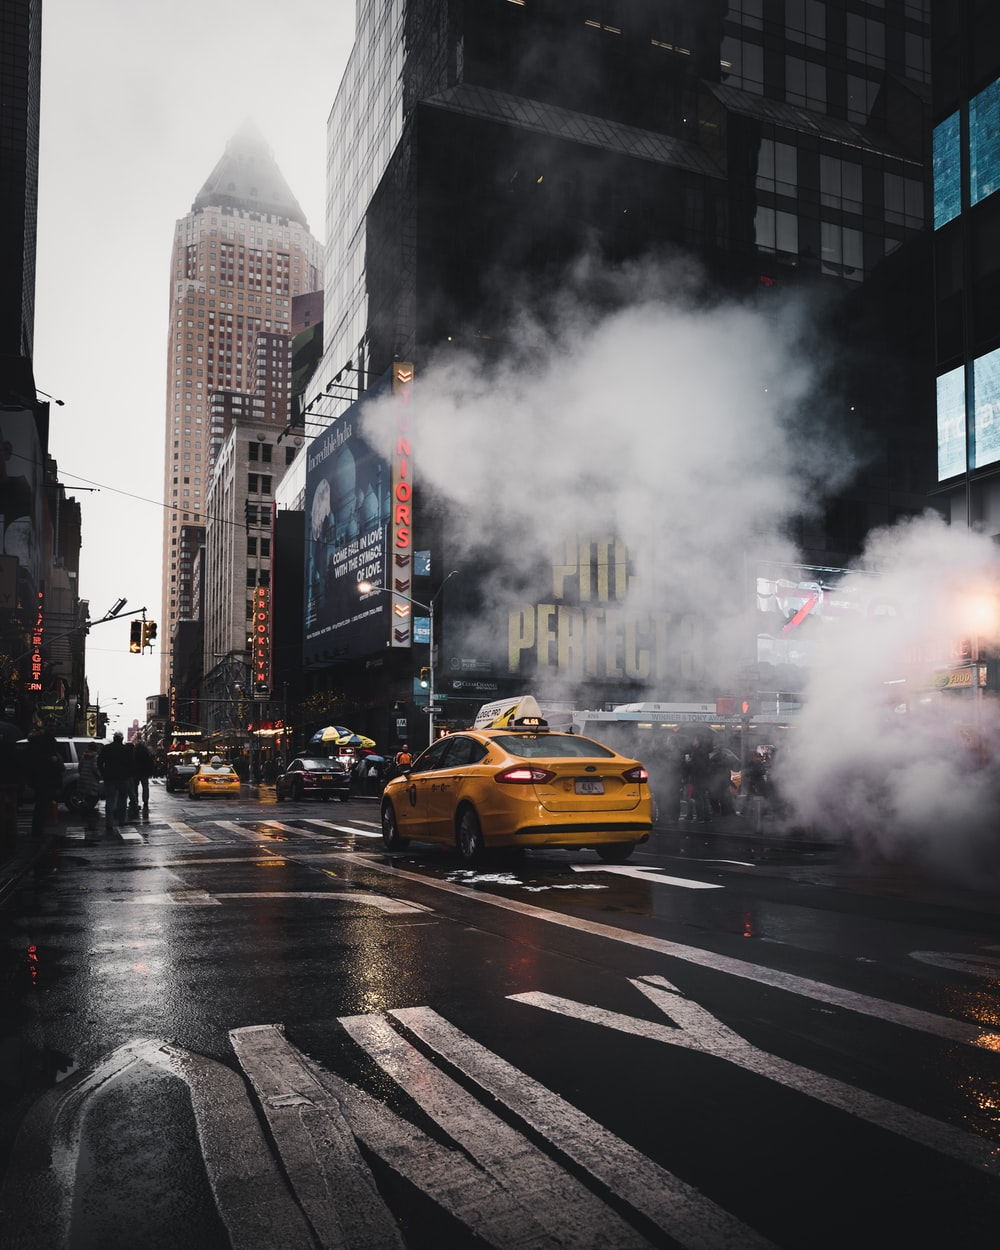 yellow taxi sedan on gray concrete street passed through white smokes near walking lane